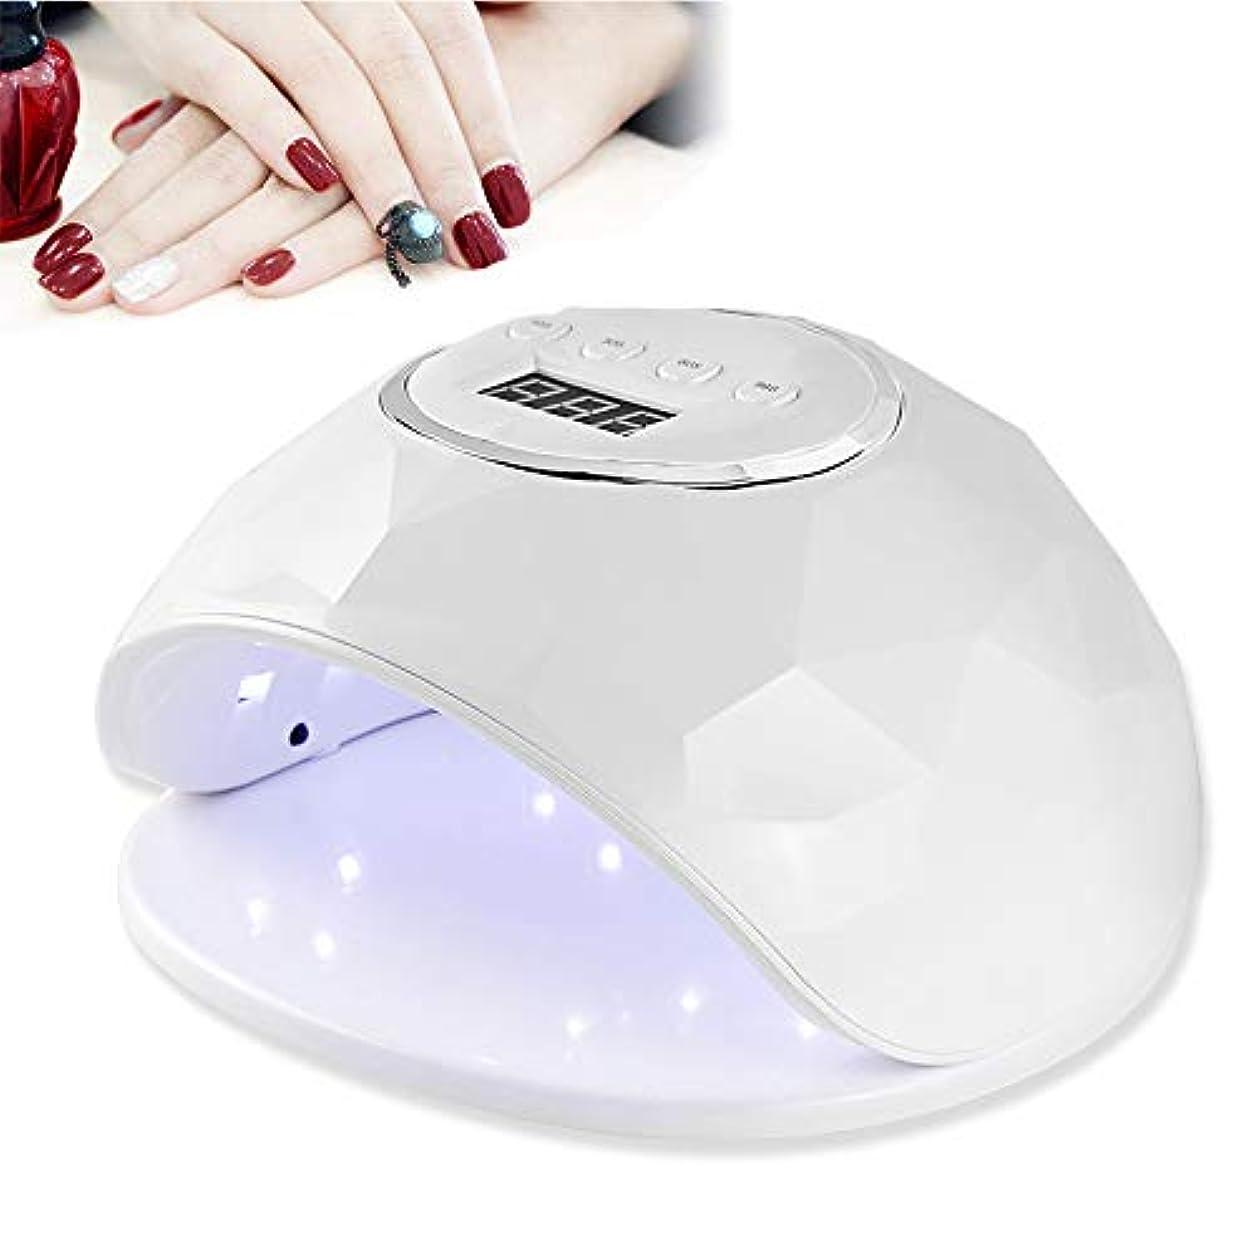 結び目哲学的敷居LEDジェルネイルライトドライヤー赤外線インテリジェント自動センサー4タイマー設定、39デュアル光源LED、トップコートネイルマニキュアツール,白